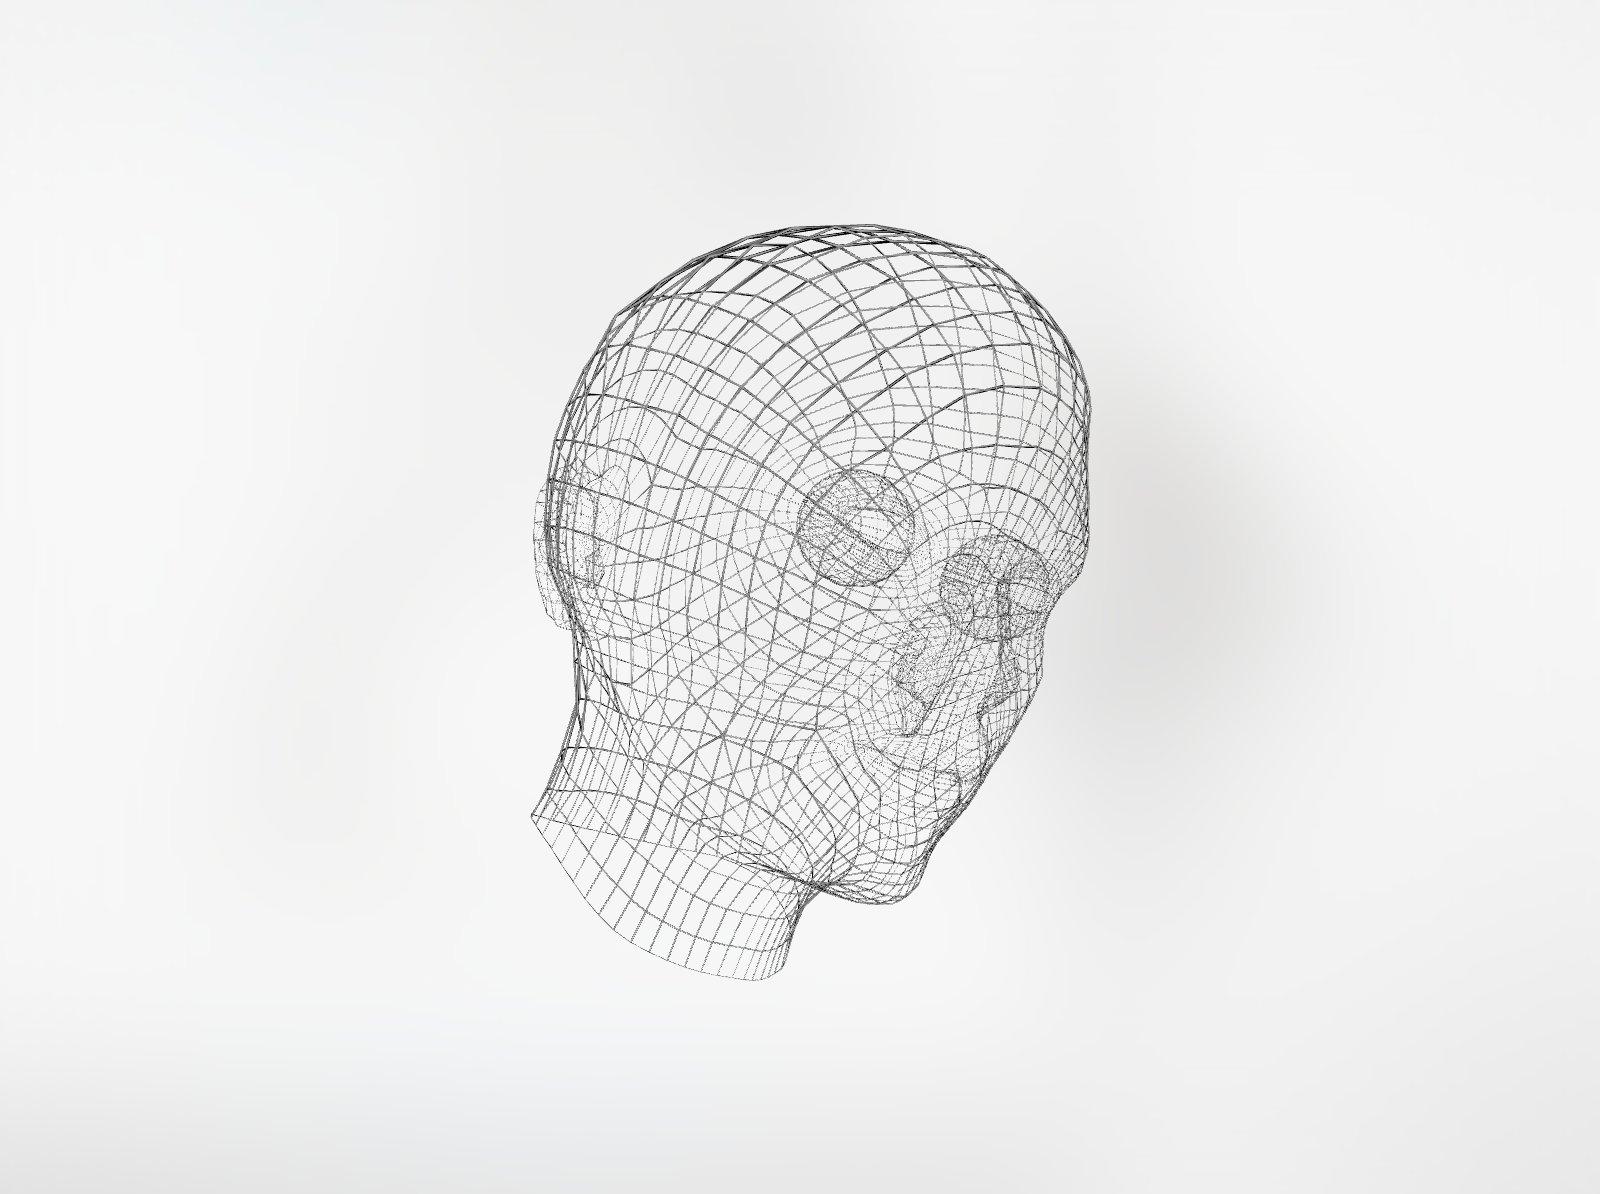 [淘宝购买] 90年代复古派对海报传单人体3D欧普艺术图形设计素材 Old 90s Rave Flyers插图(8)